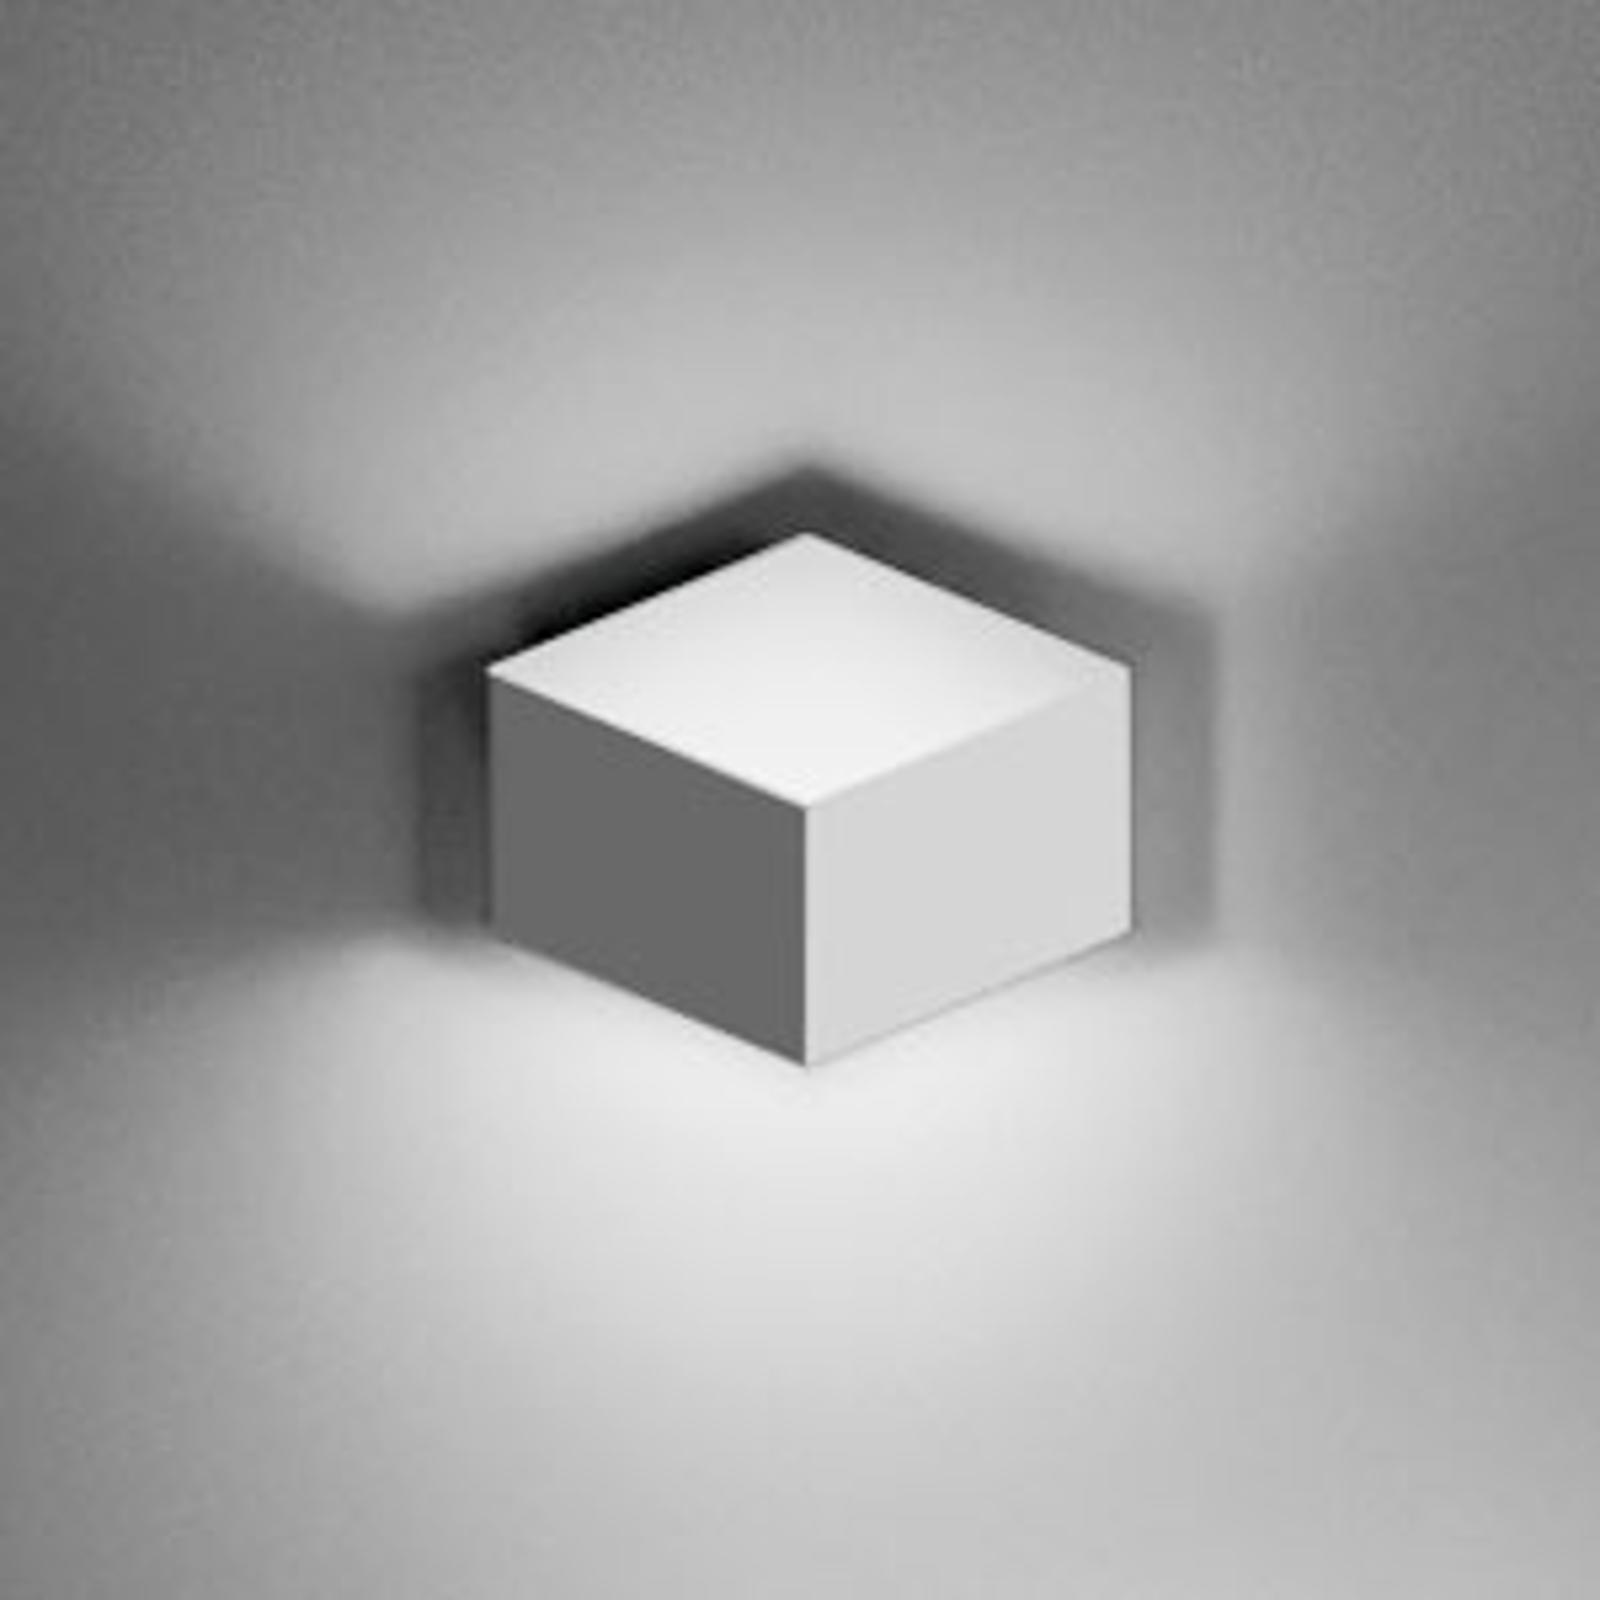 Puristische led wandlamp Fold Surface, 2-fl.